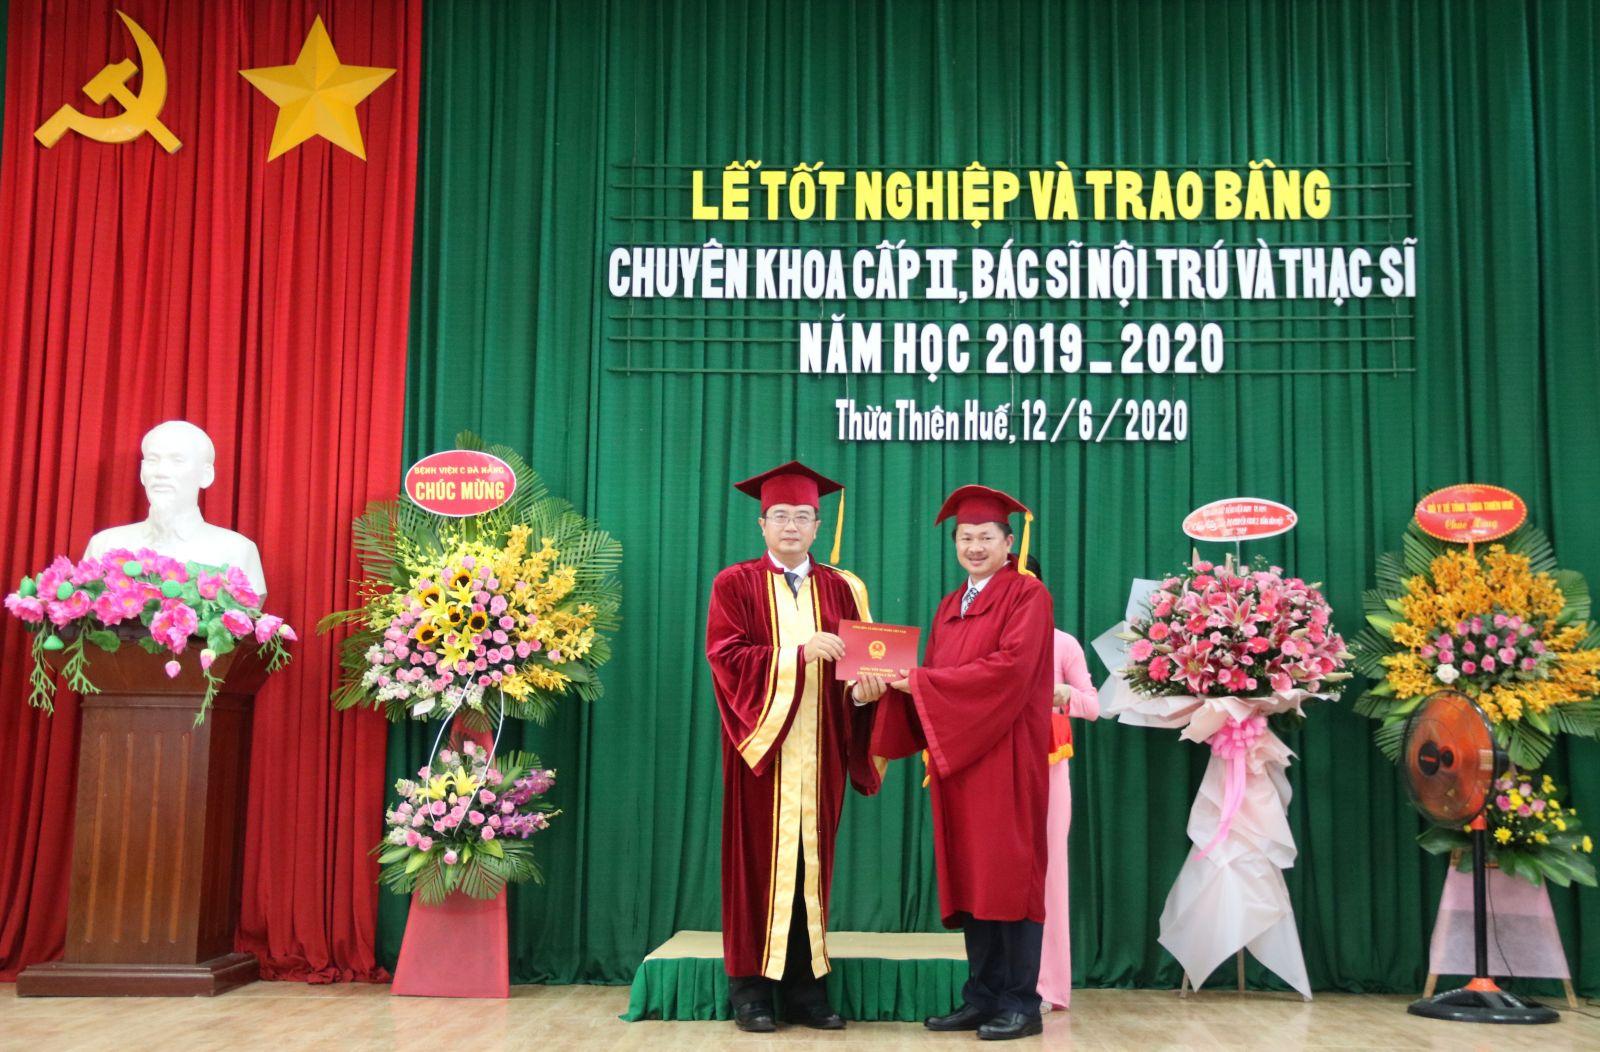 Lễ tốt nghiệp và trao Bằng tốt nghiệp Chuyên khoa II, Bác sĩ nội trú và Thạc sĩ năm học 2019 - 2020